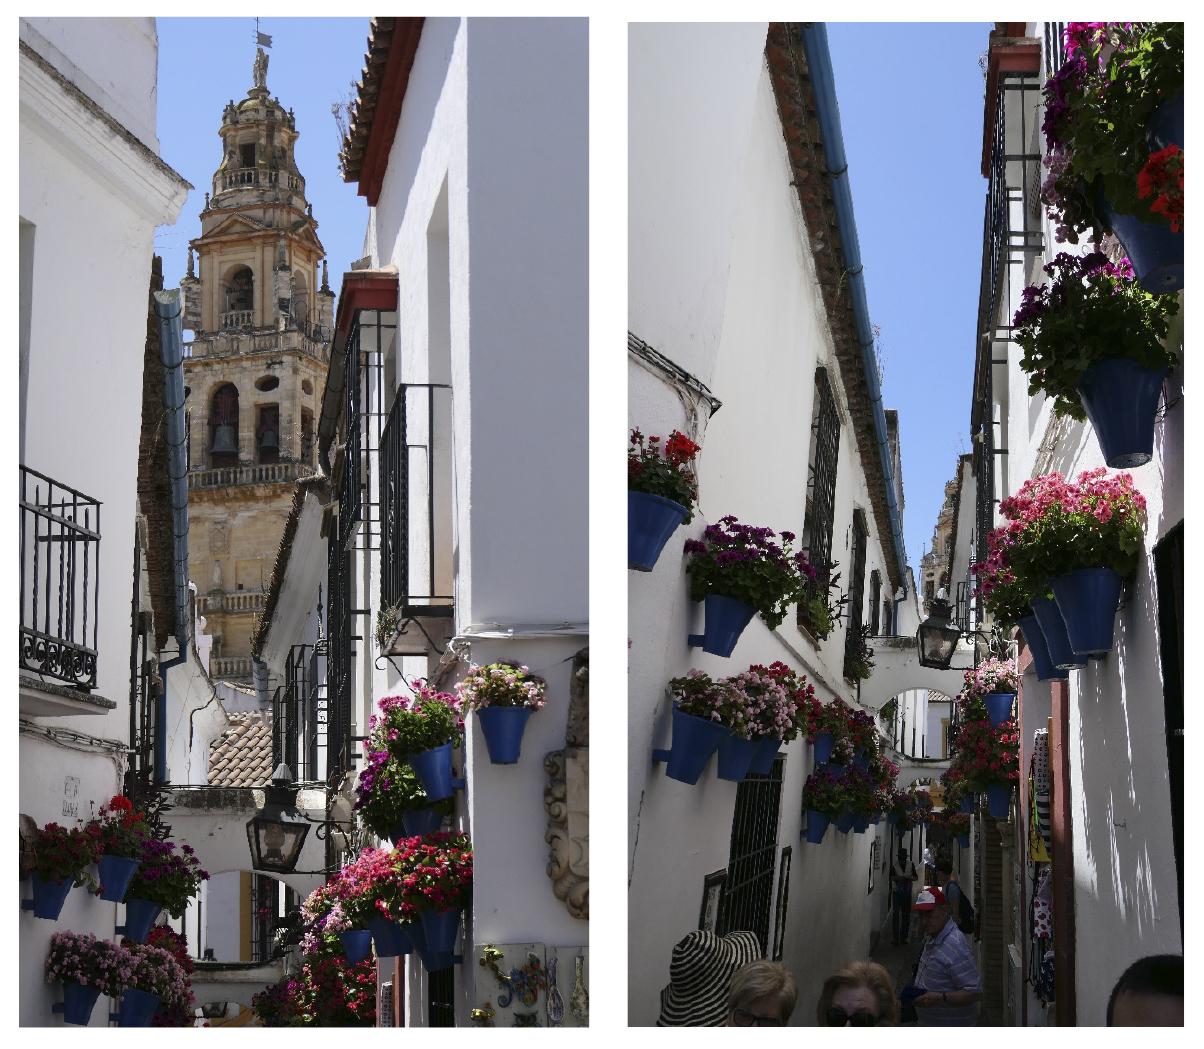 Viaje a Andalucía de los alumnos de 1º de la ESO - Dia 2